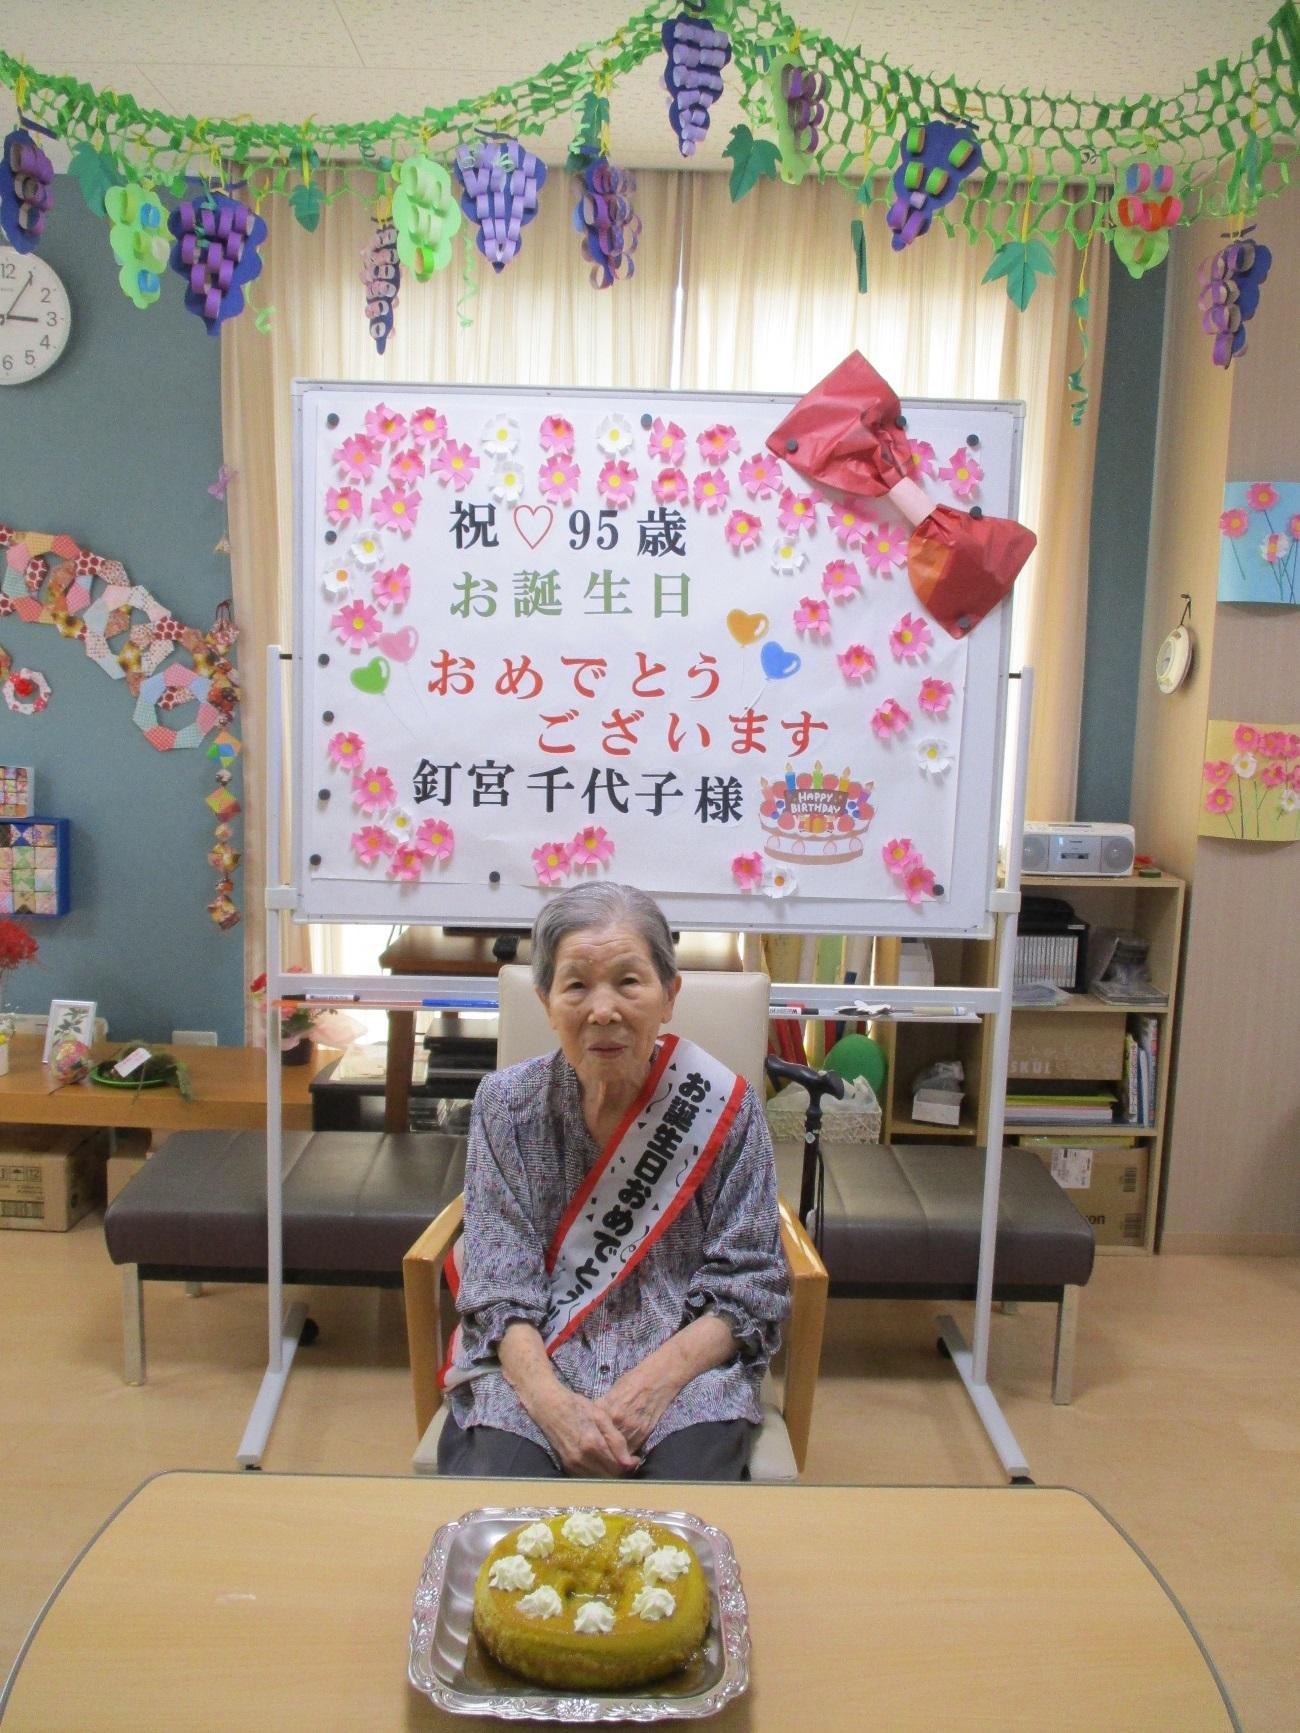 【いこいの郷】9/24 敬老会と釘宮千代子様お誕生会